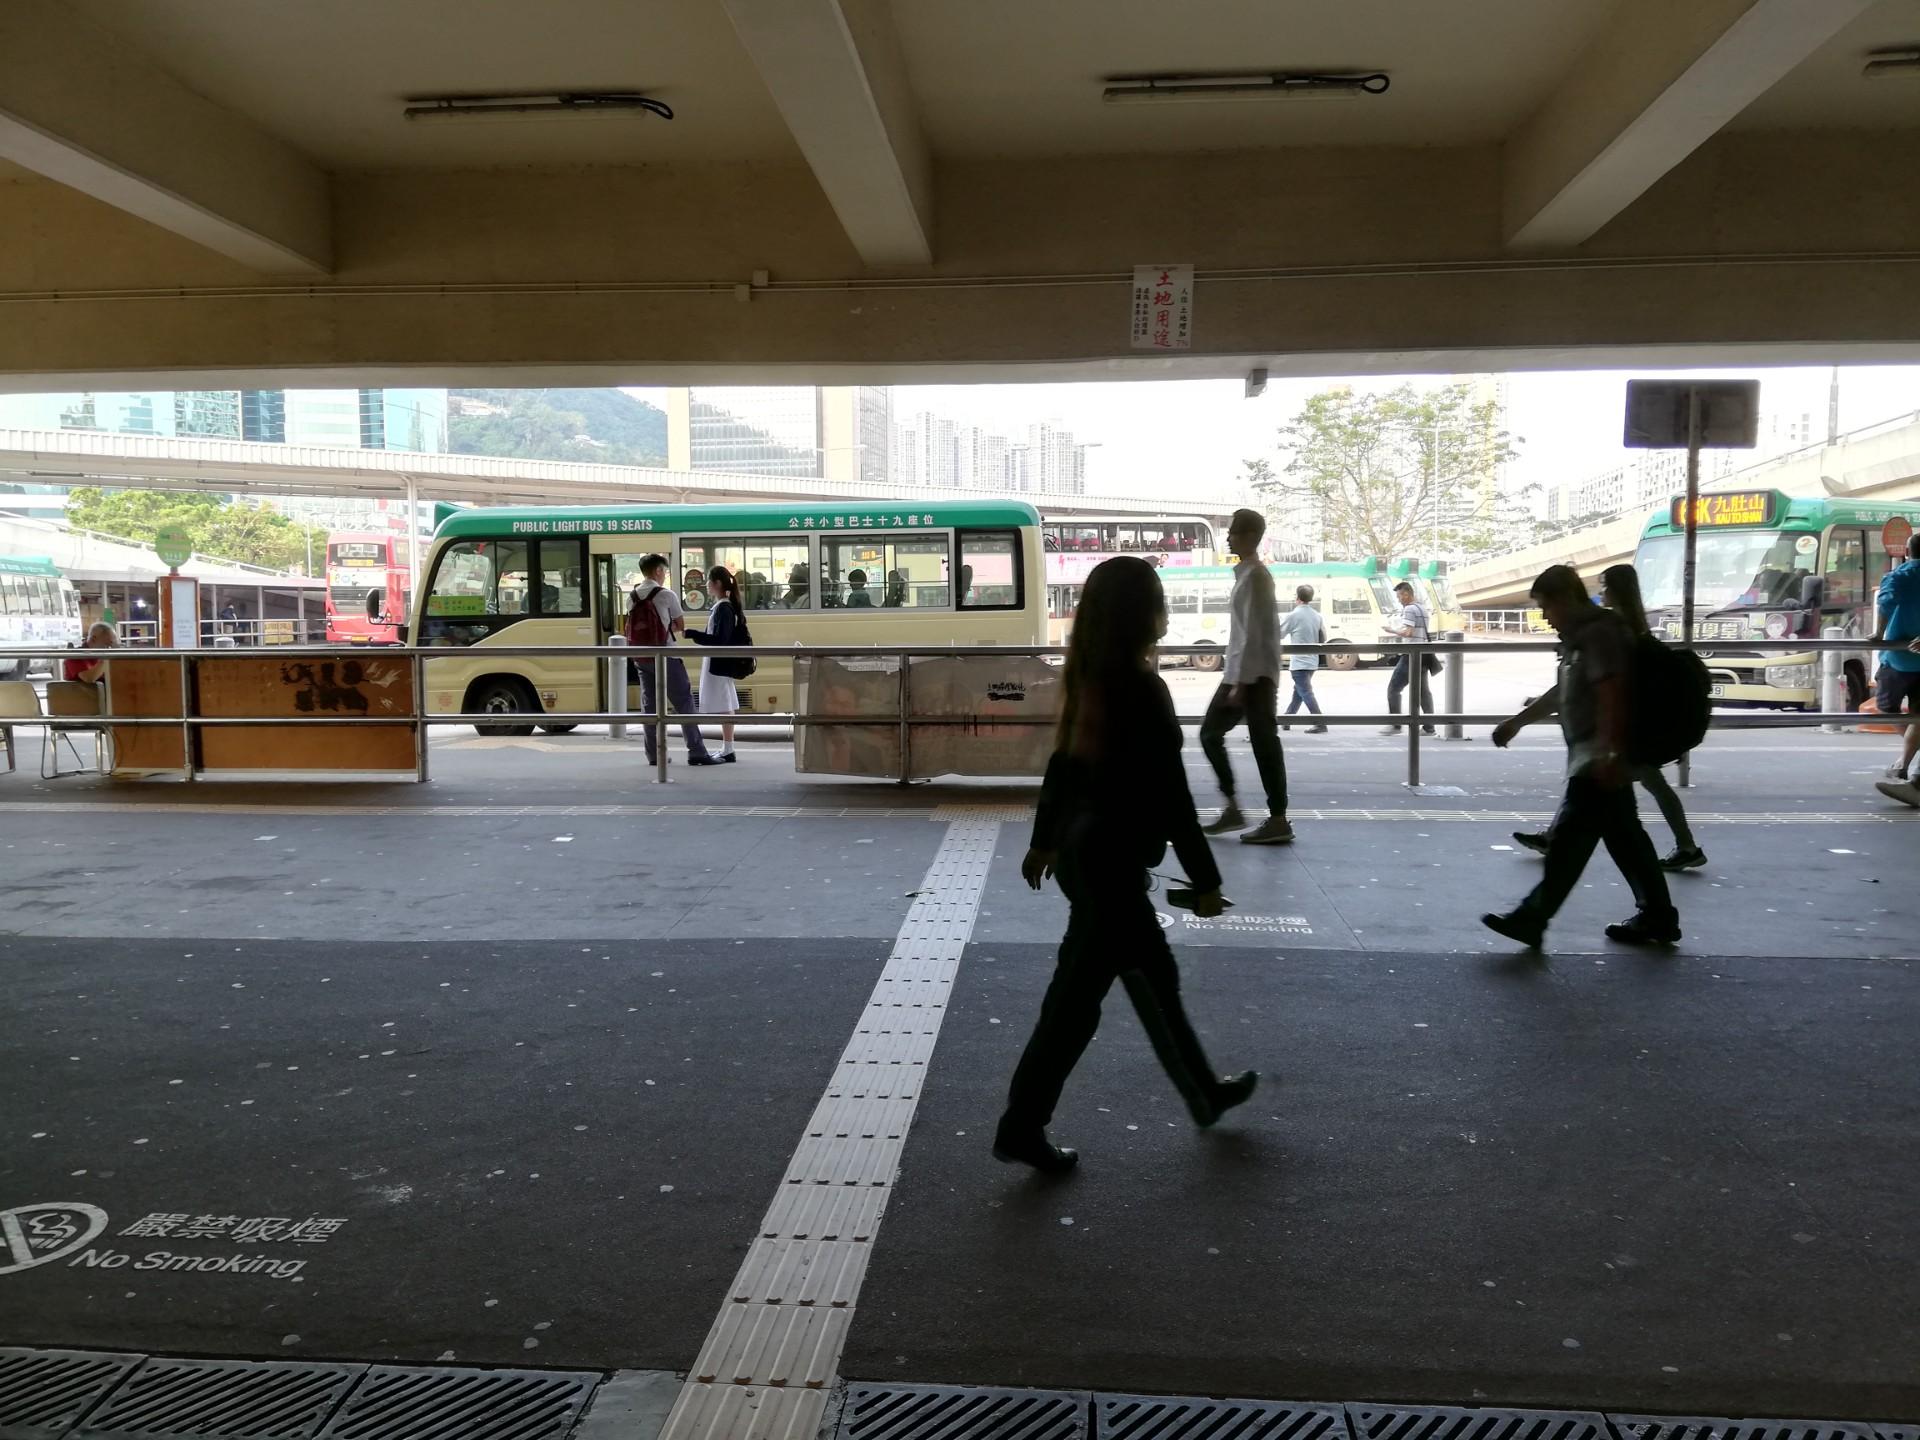 沙田(シャティン)駅出たところ